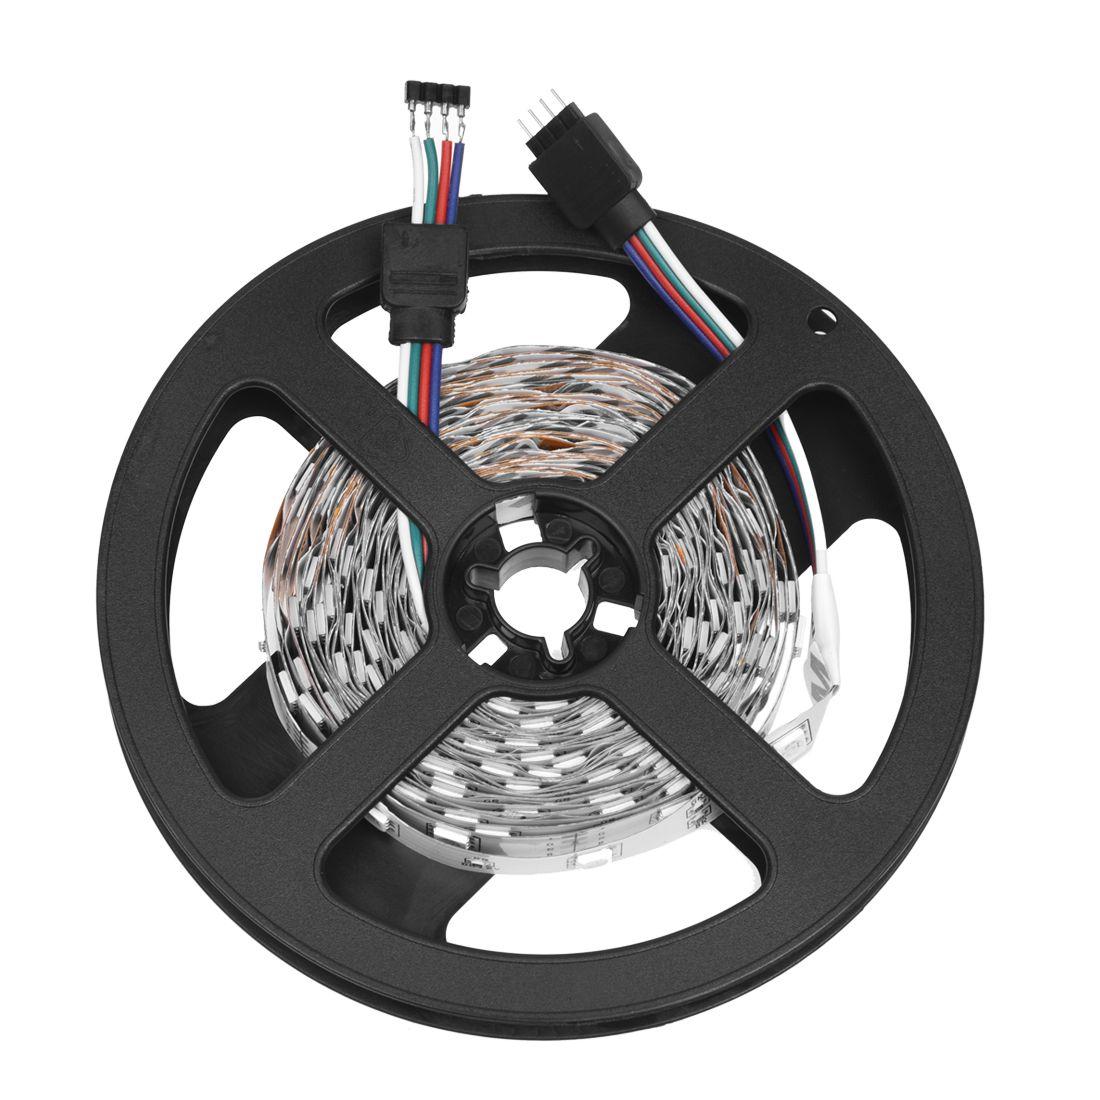 Tiras de Led 5 m não-impermeável 5050 smd Modelo Número : Szs-gtfs-i015449e3